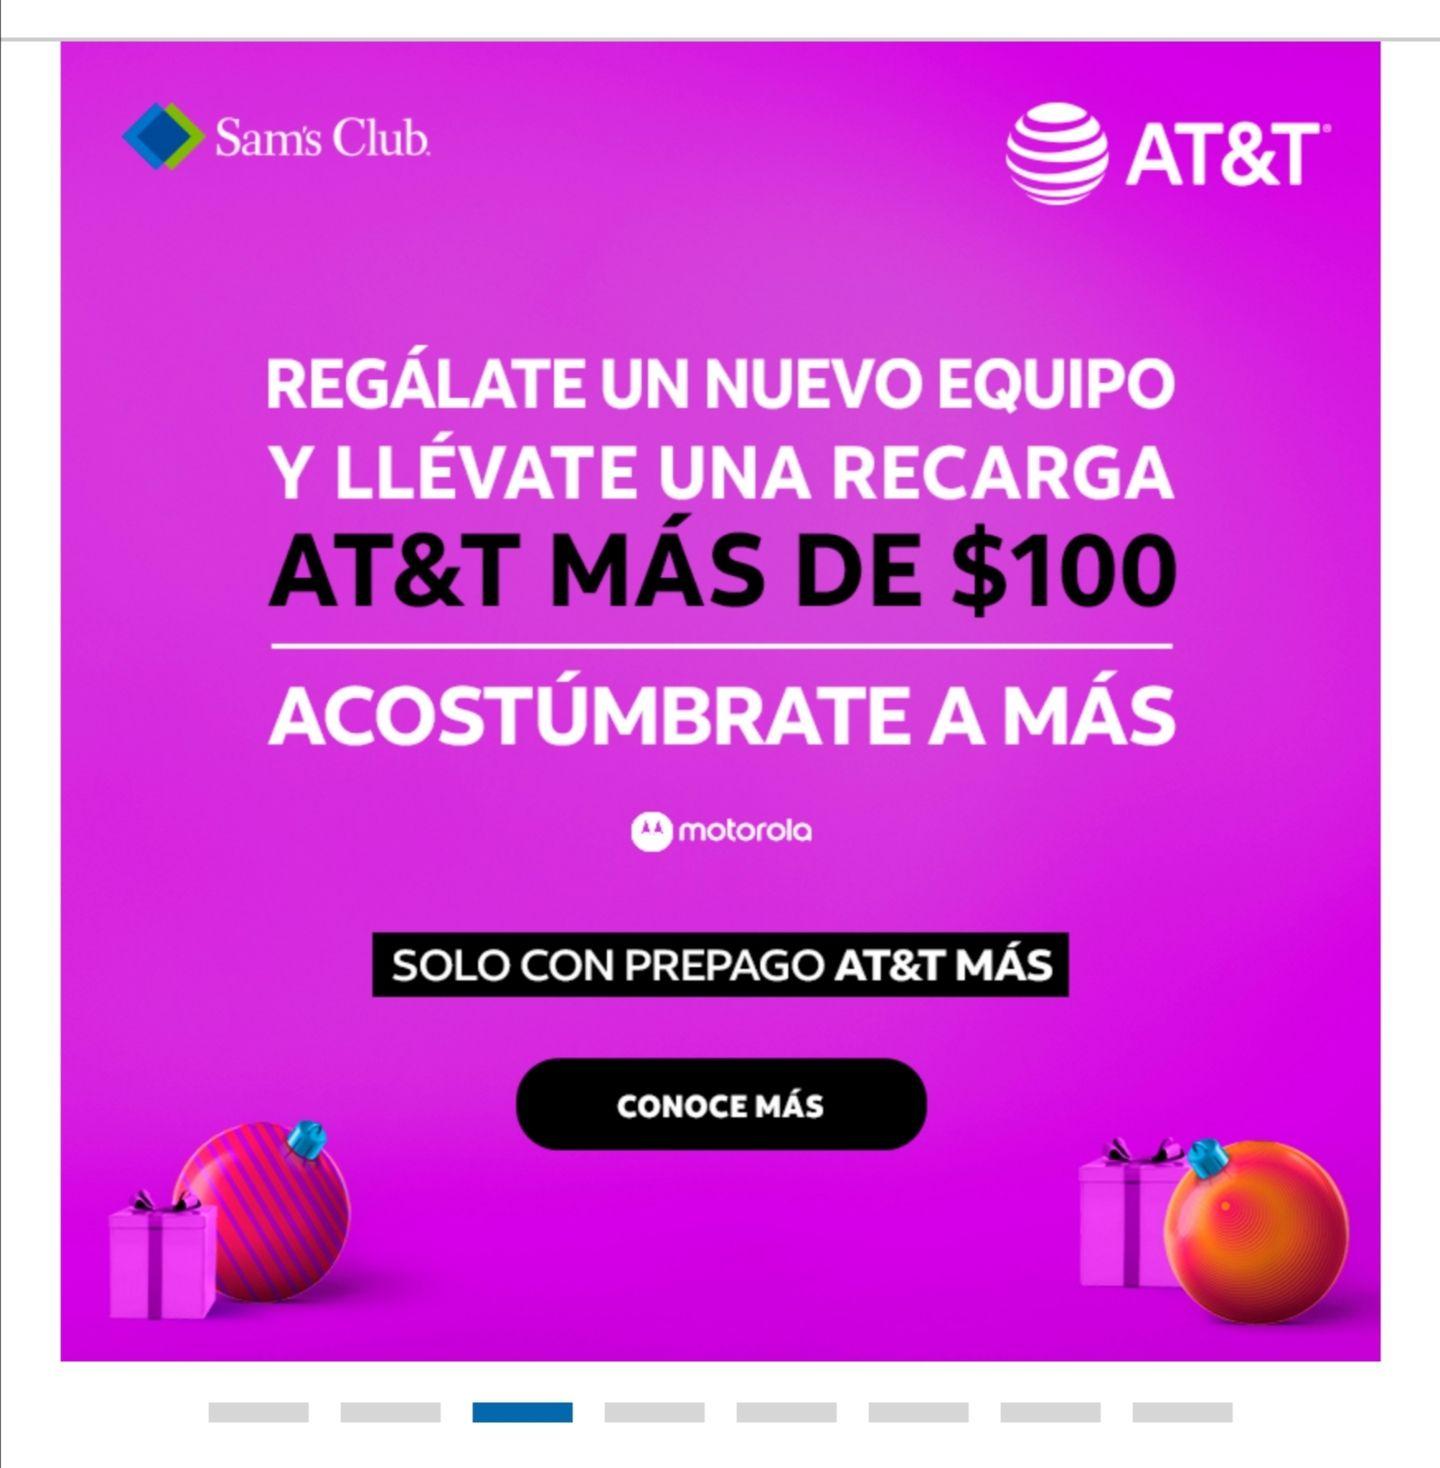 At&t: Tarjeta de regalo de $100 pesos en Sam's Club al adquirir un equipo en prepago con prepago AT&T MÁS